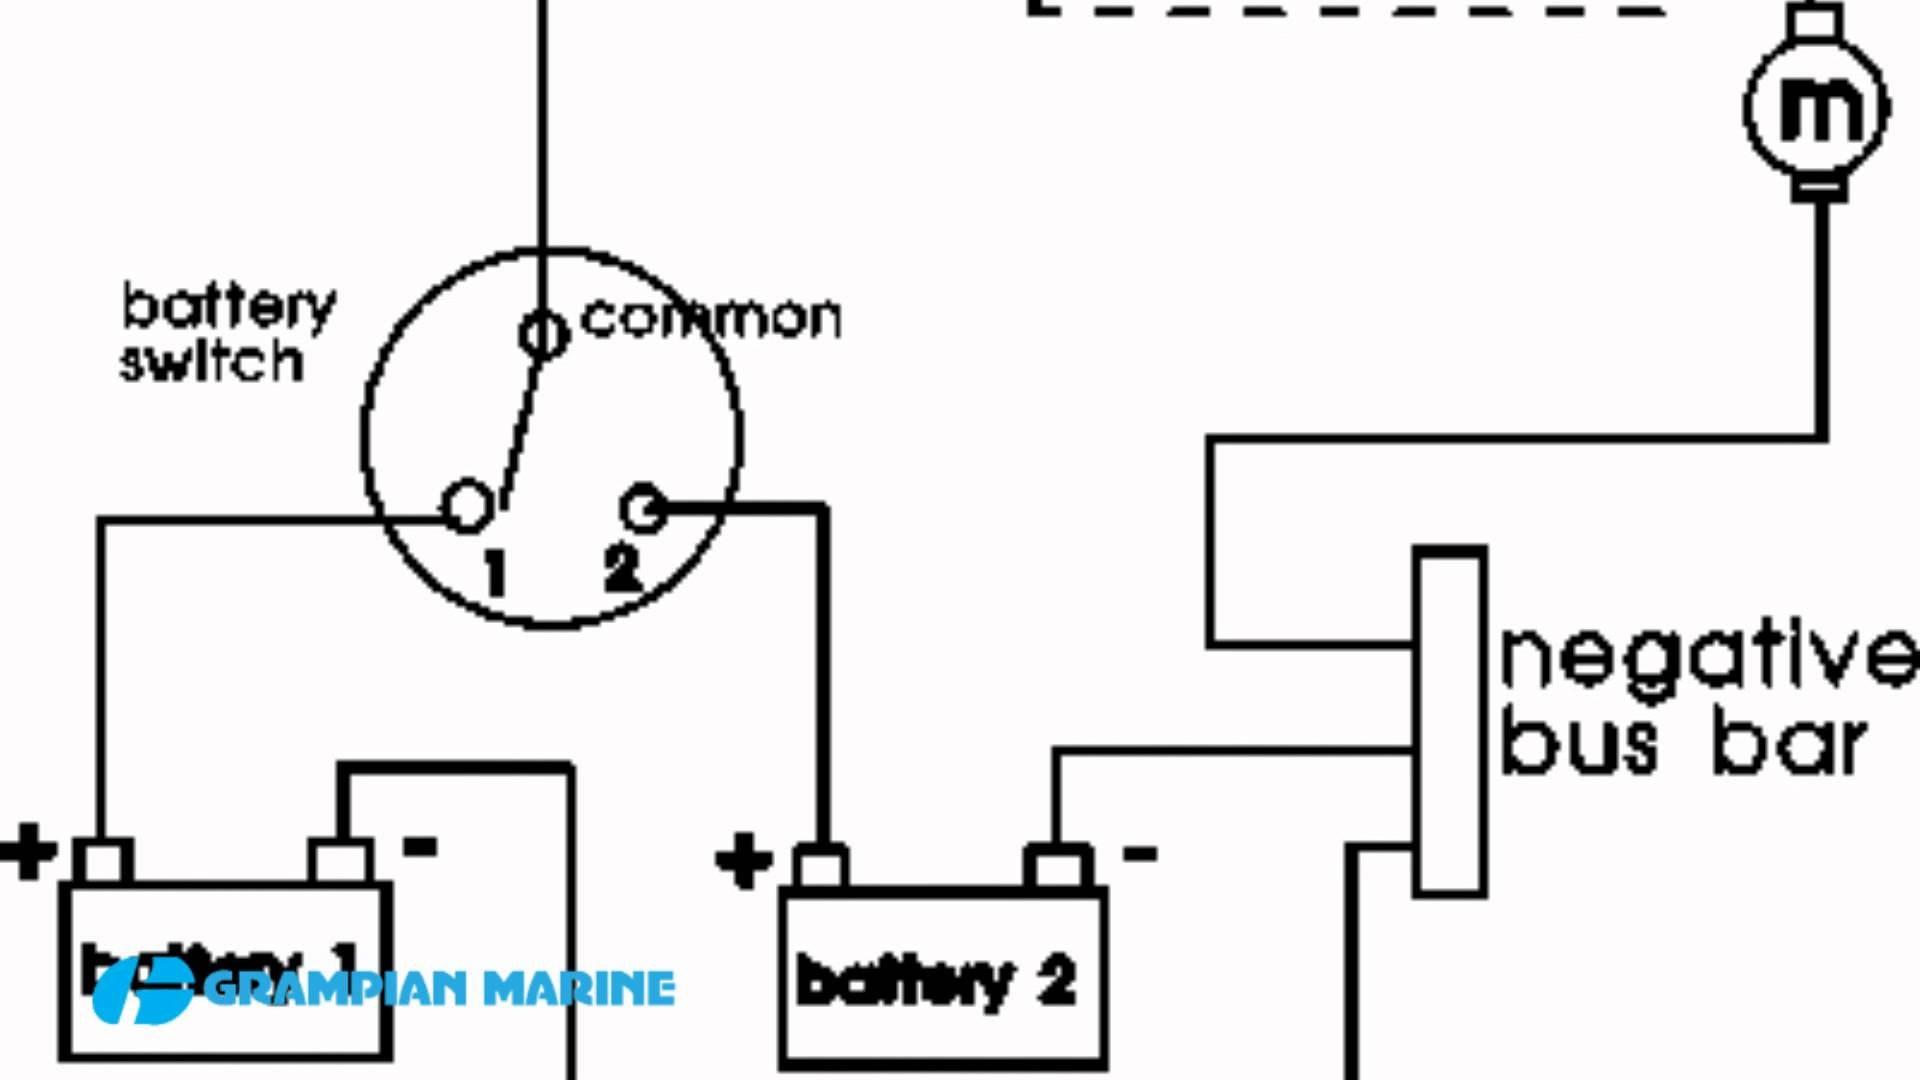 Perko Navigation Light Wiring Diagram   Wiring Diagram - Perko Battery Switch Wiring Diagram